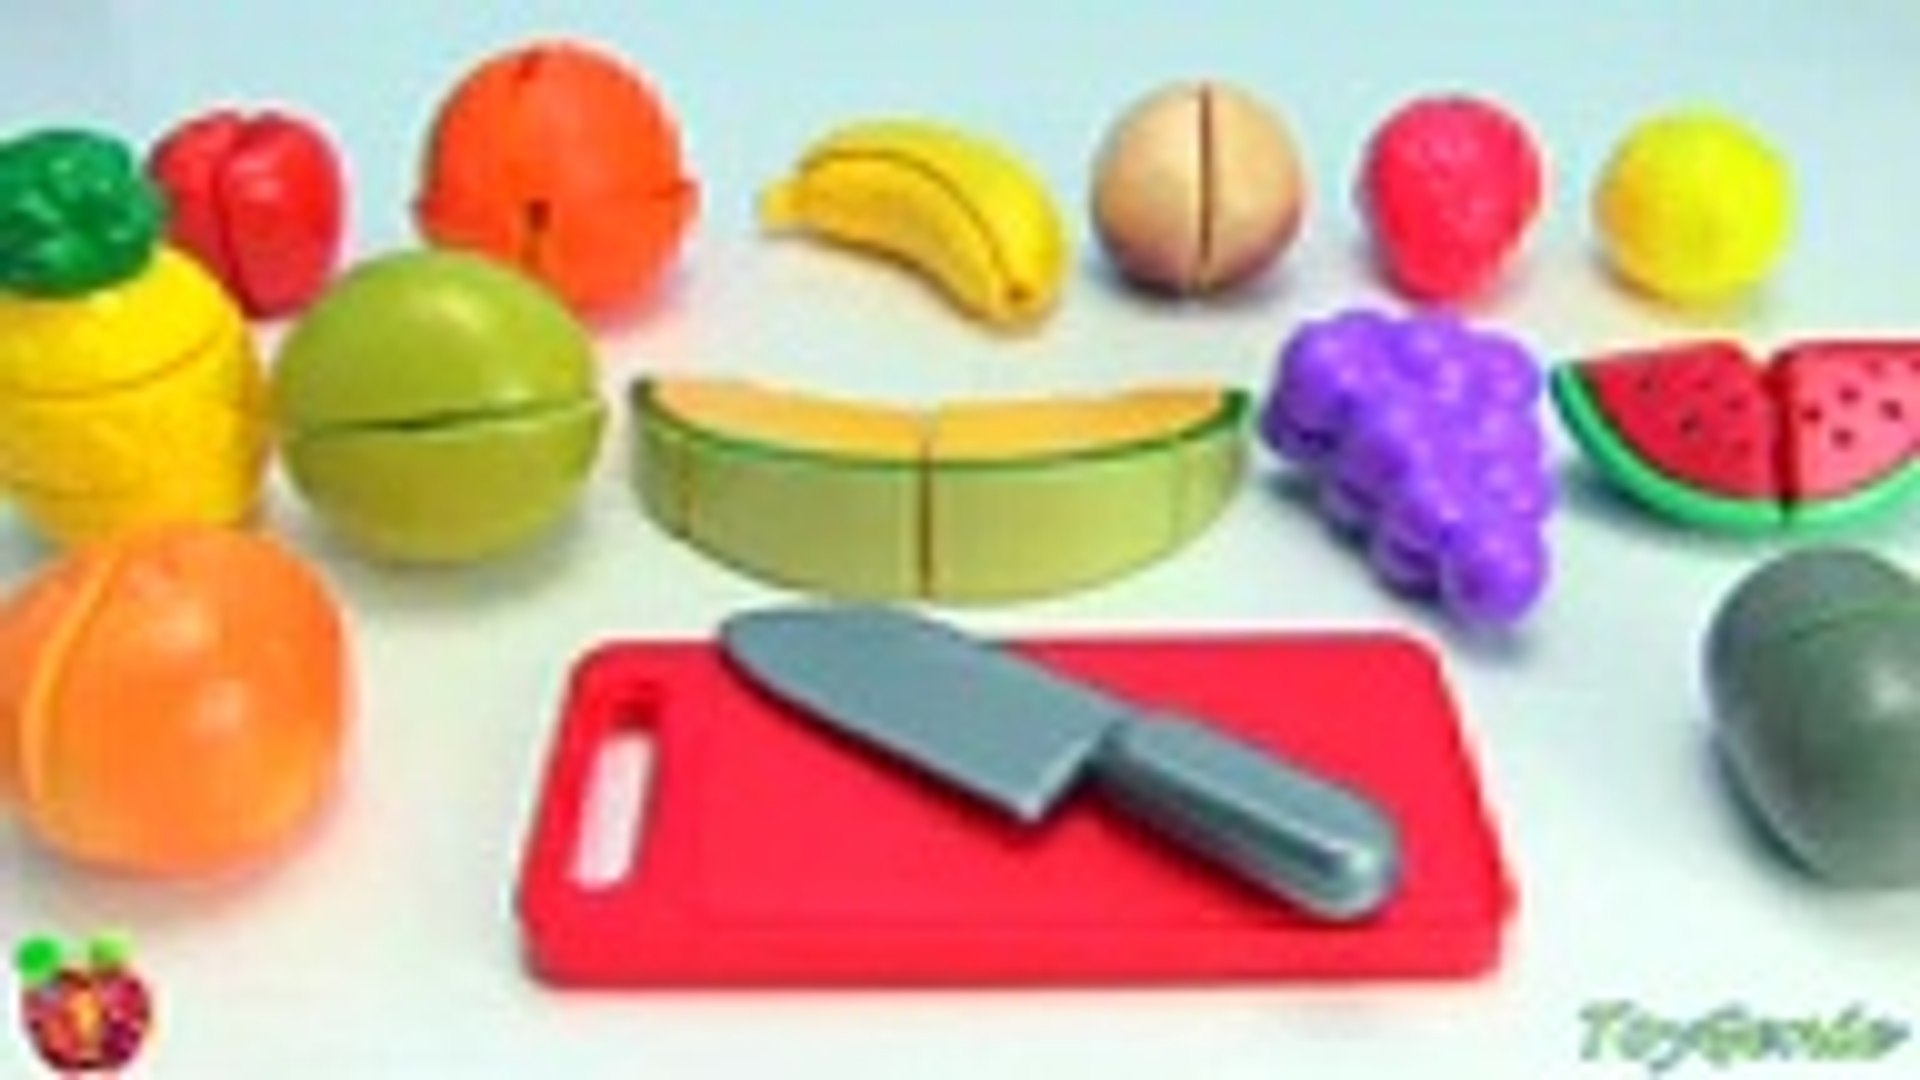 И доч для фрукты гамбургер ки ки Узнайте микроволновая печь играть Набор для игр игрушка Игрушки ово